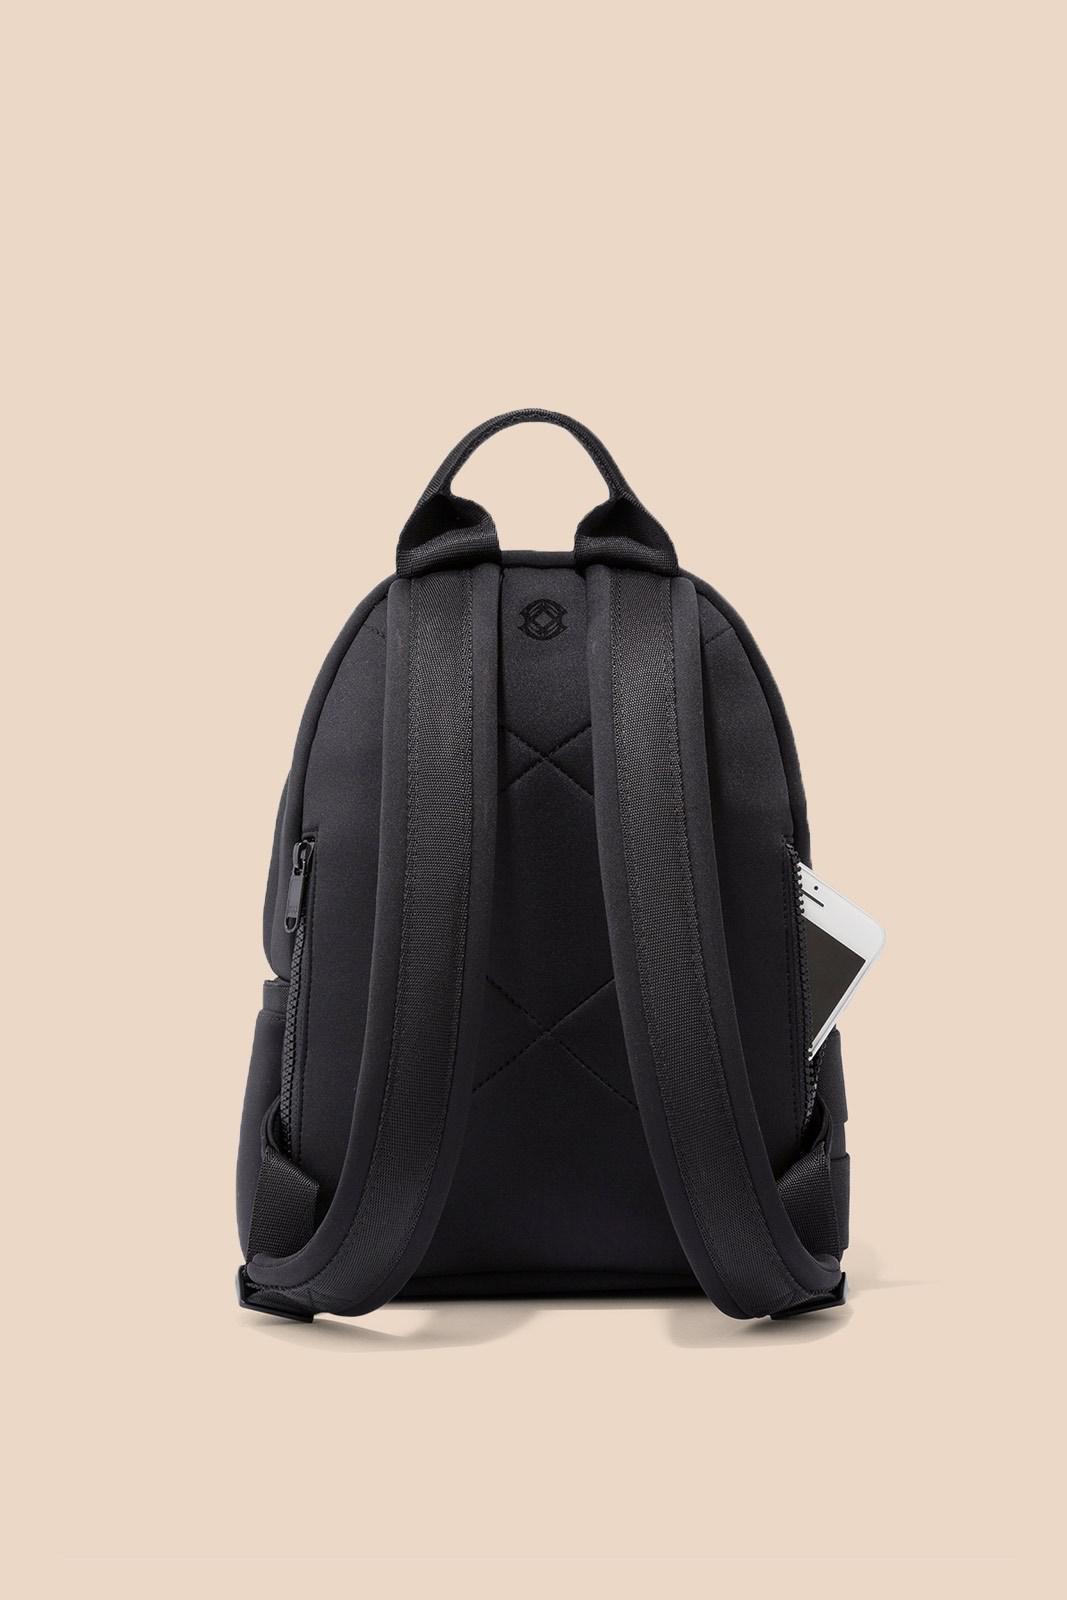 bc9c6182bd Lyst - Dagne Dover Dakota Backpack (small) in Black